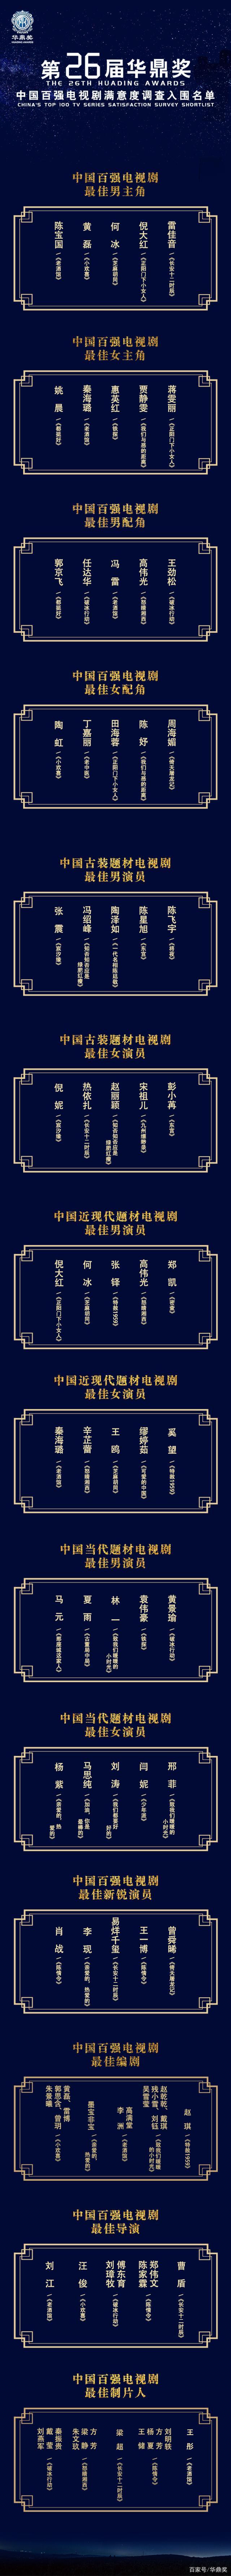 李现肖战华鼎提名是怎么回事 李现肖战华鼎提名是真的吗_52z.com